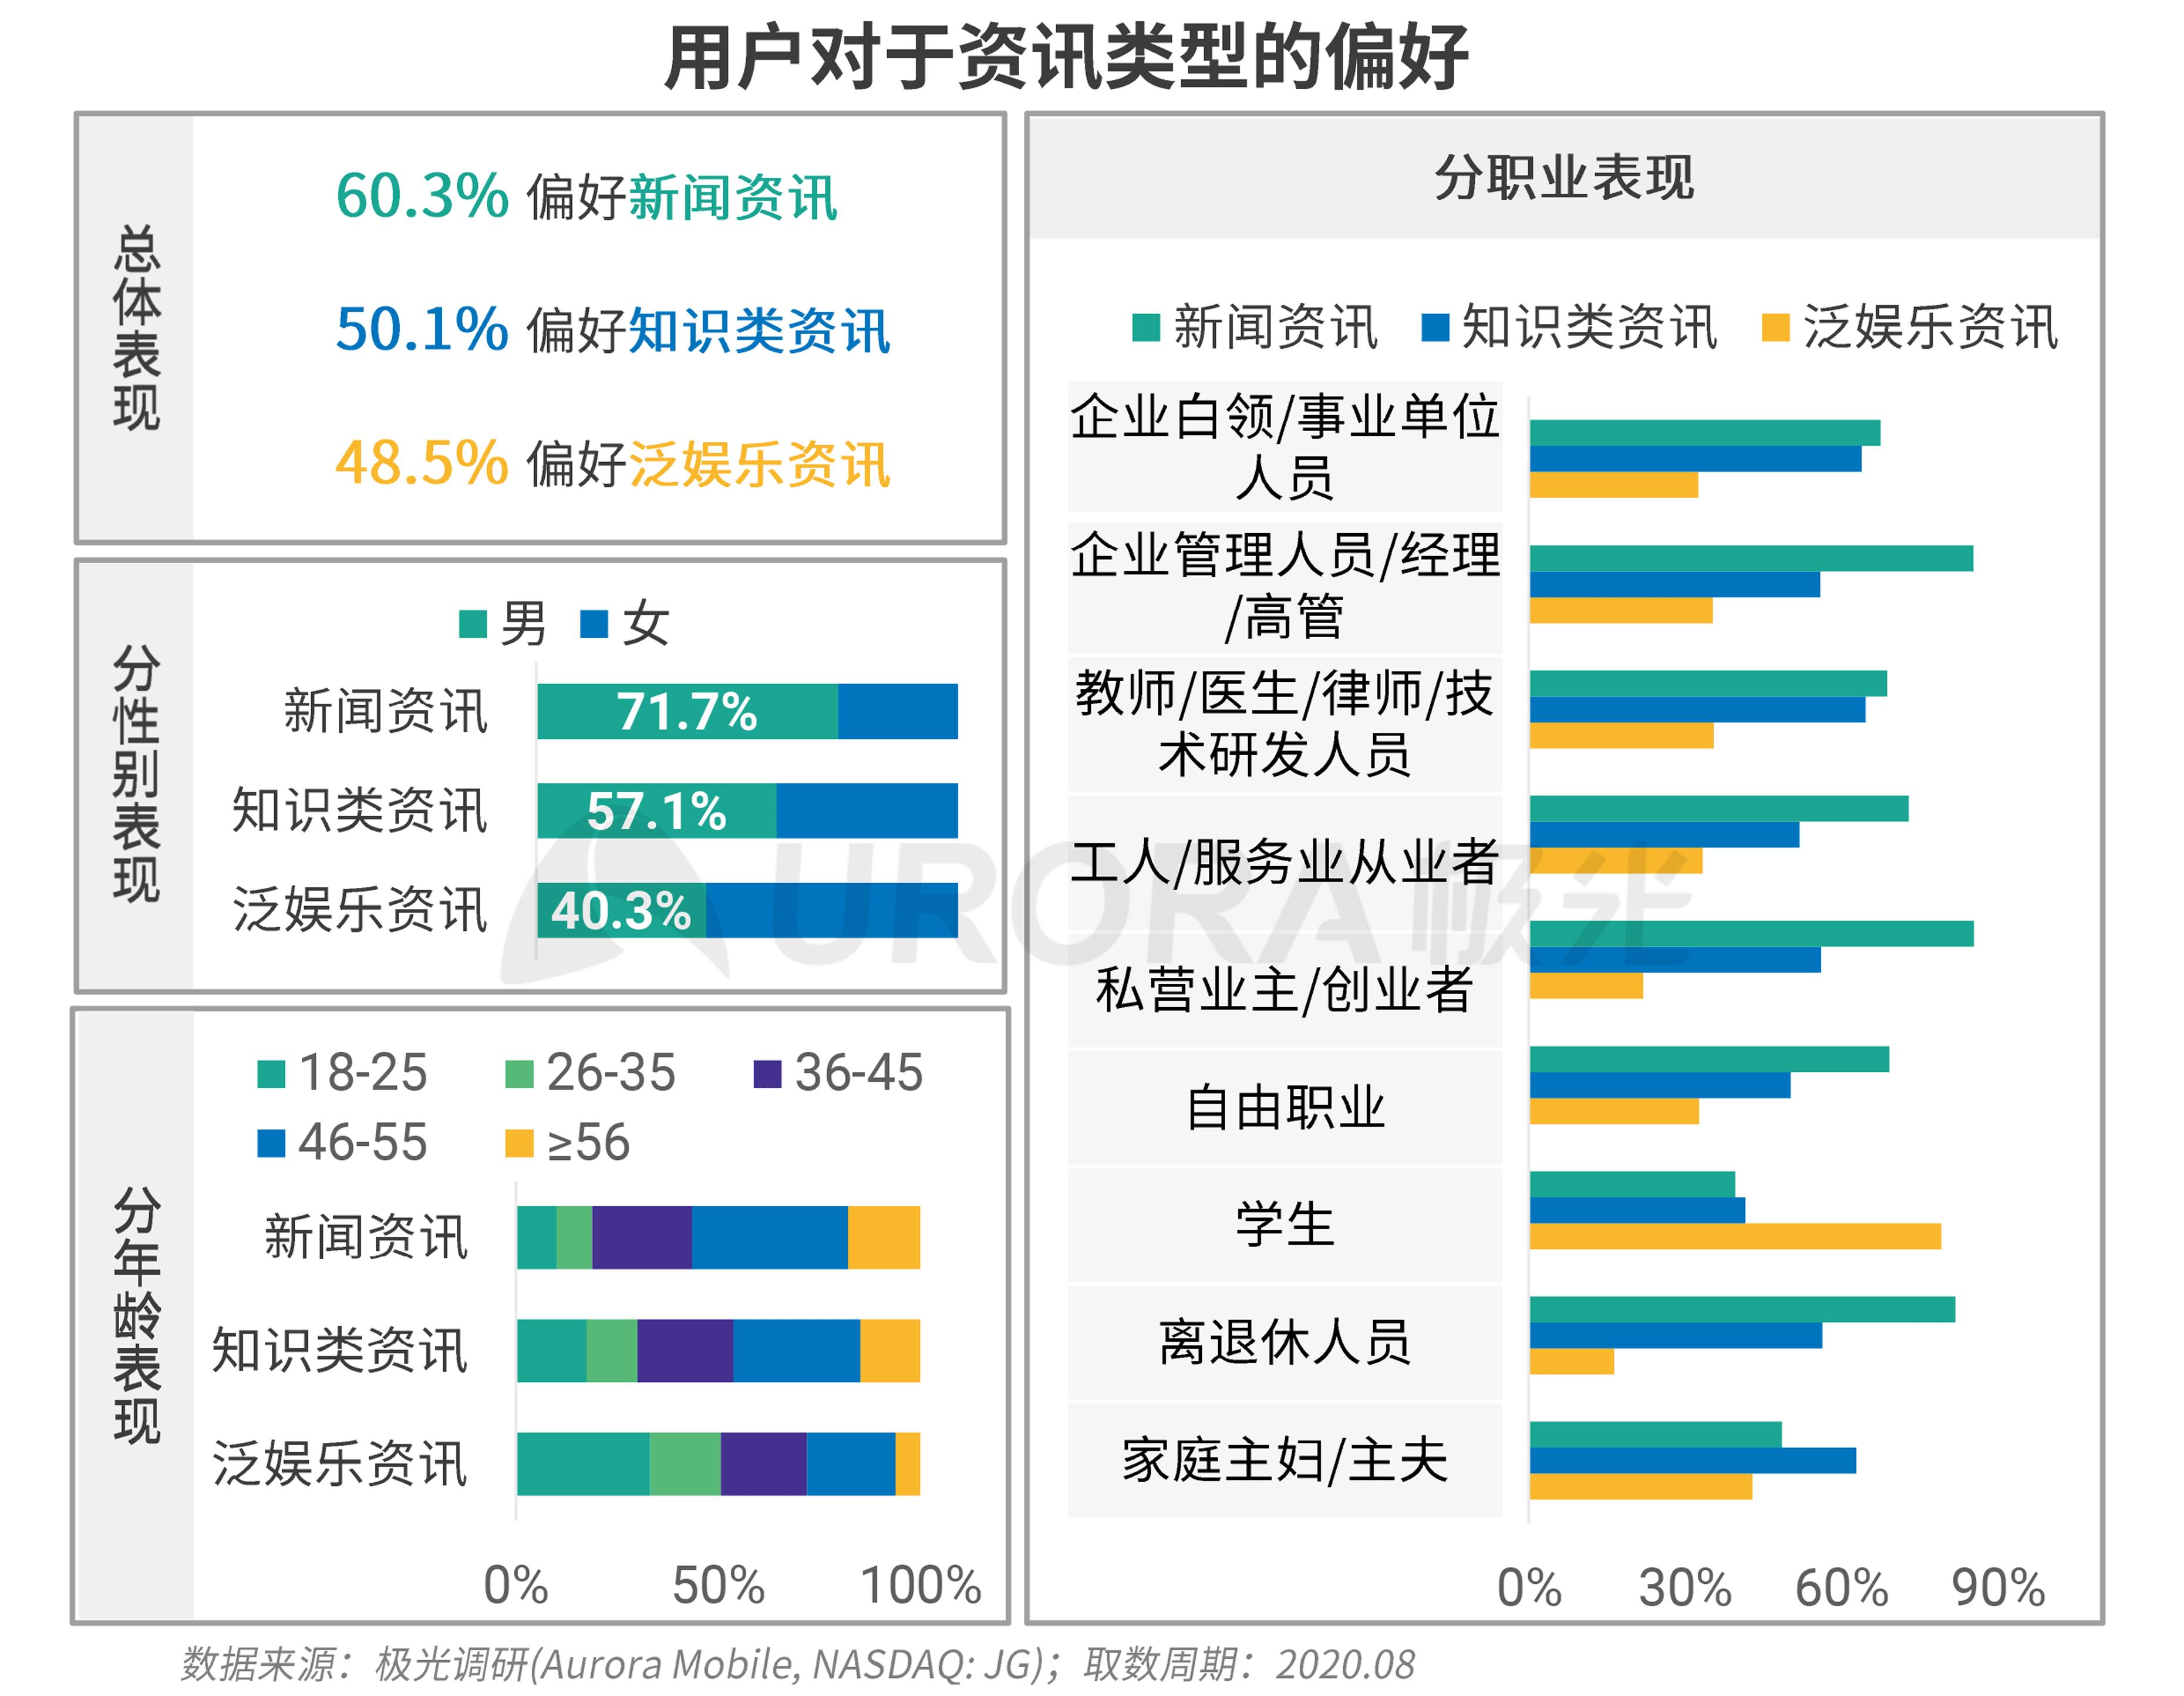 极光:新资讯行业系列报告--内容篇 (16).png